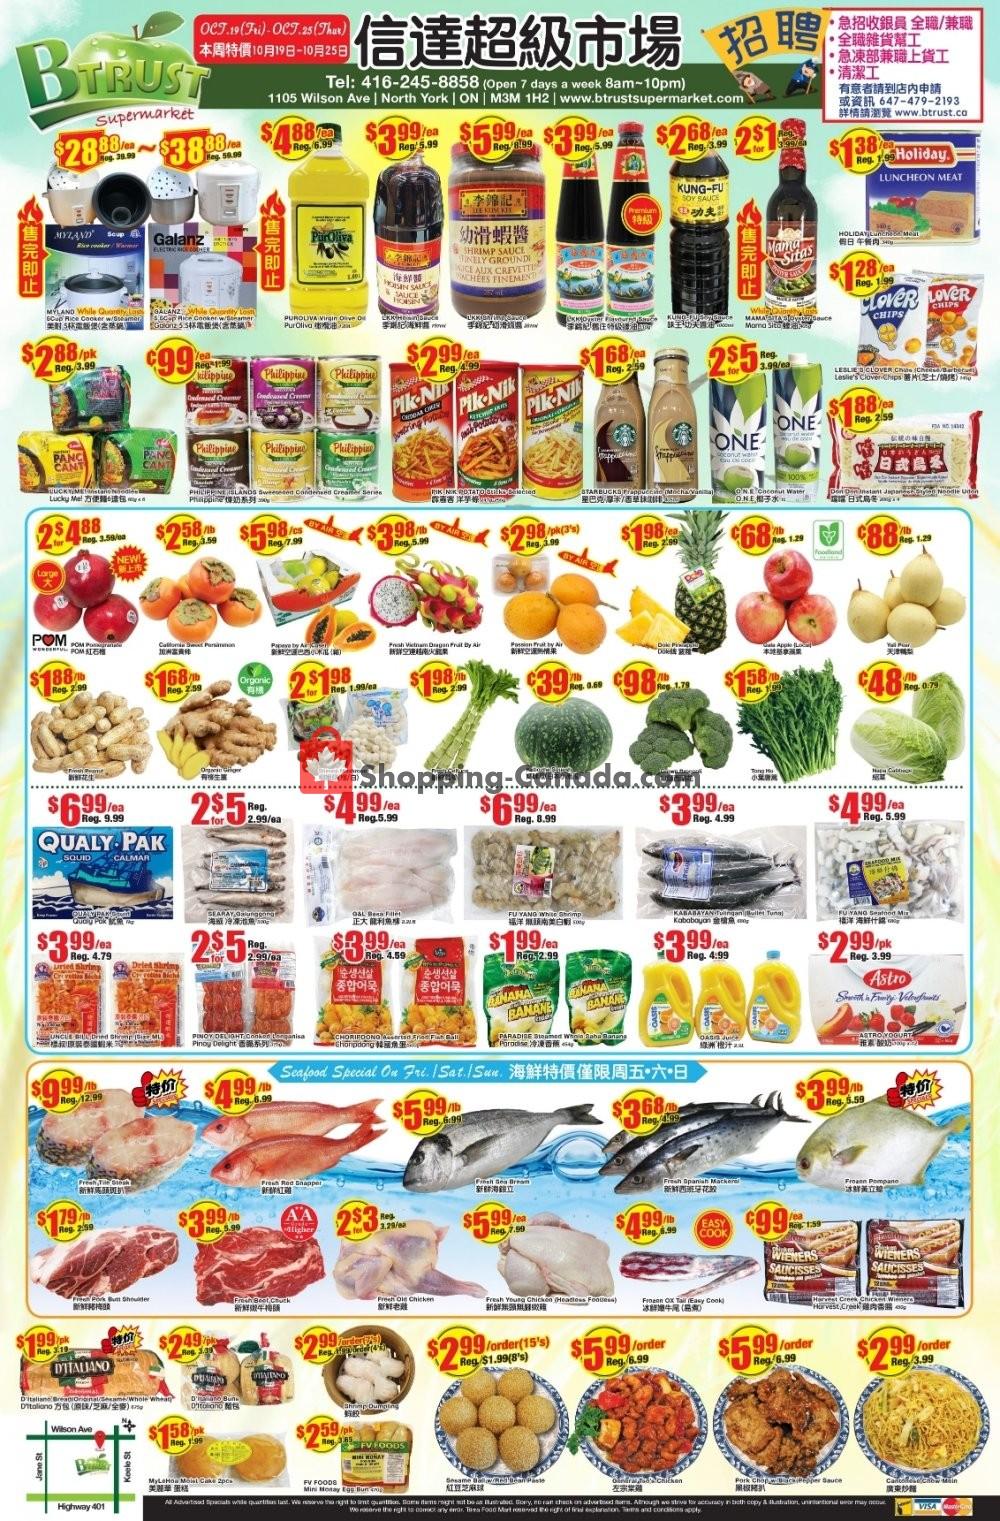 Flyer Btrust Supermarket Canada - from Friday October 19, 2018 to Thursday October 25, 2018